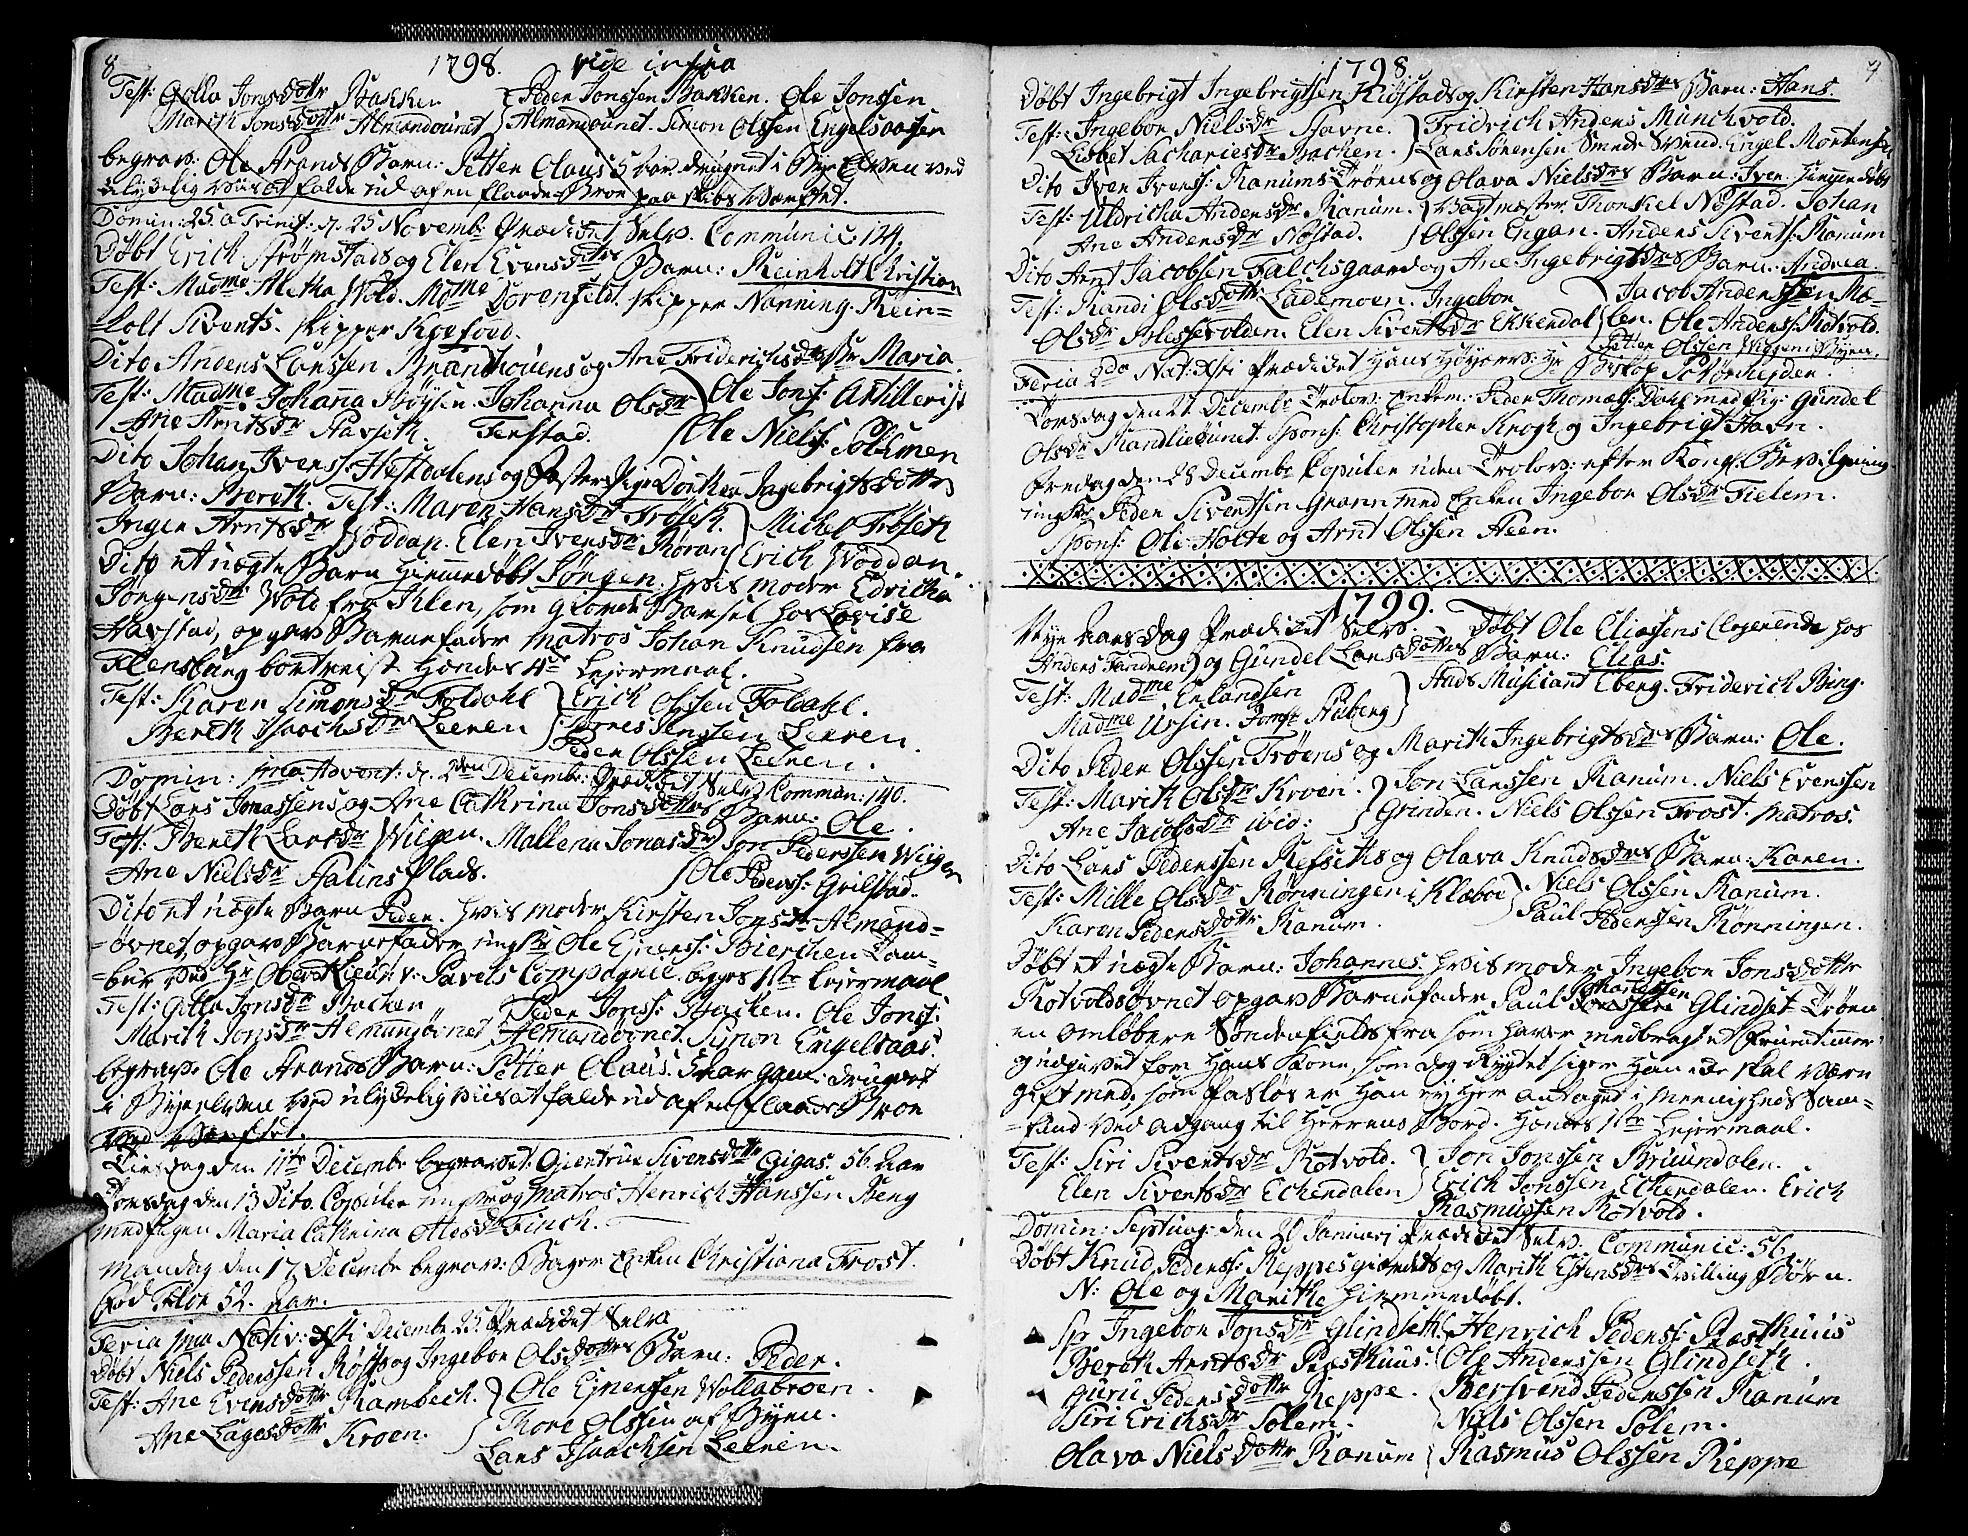 SAT, Ministerialprotokoller, klokkerbøker og fødselsregistre - Sør-Trøndelag, 604/L0181: Ministerialbok nr. 604A02, 1798-1817, s. 8-9